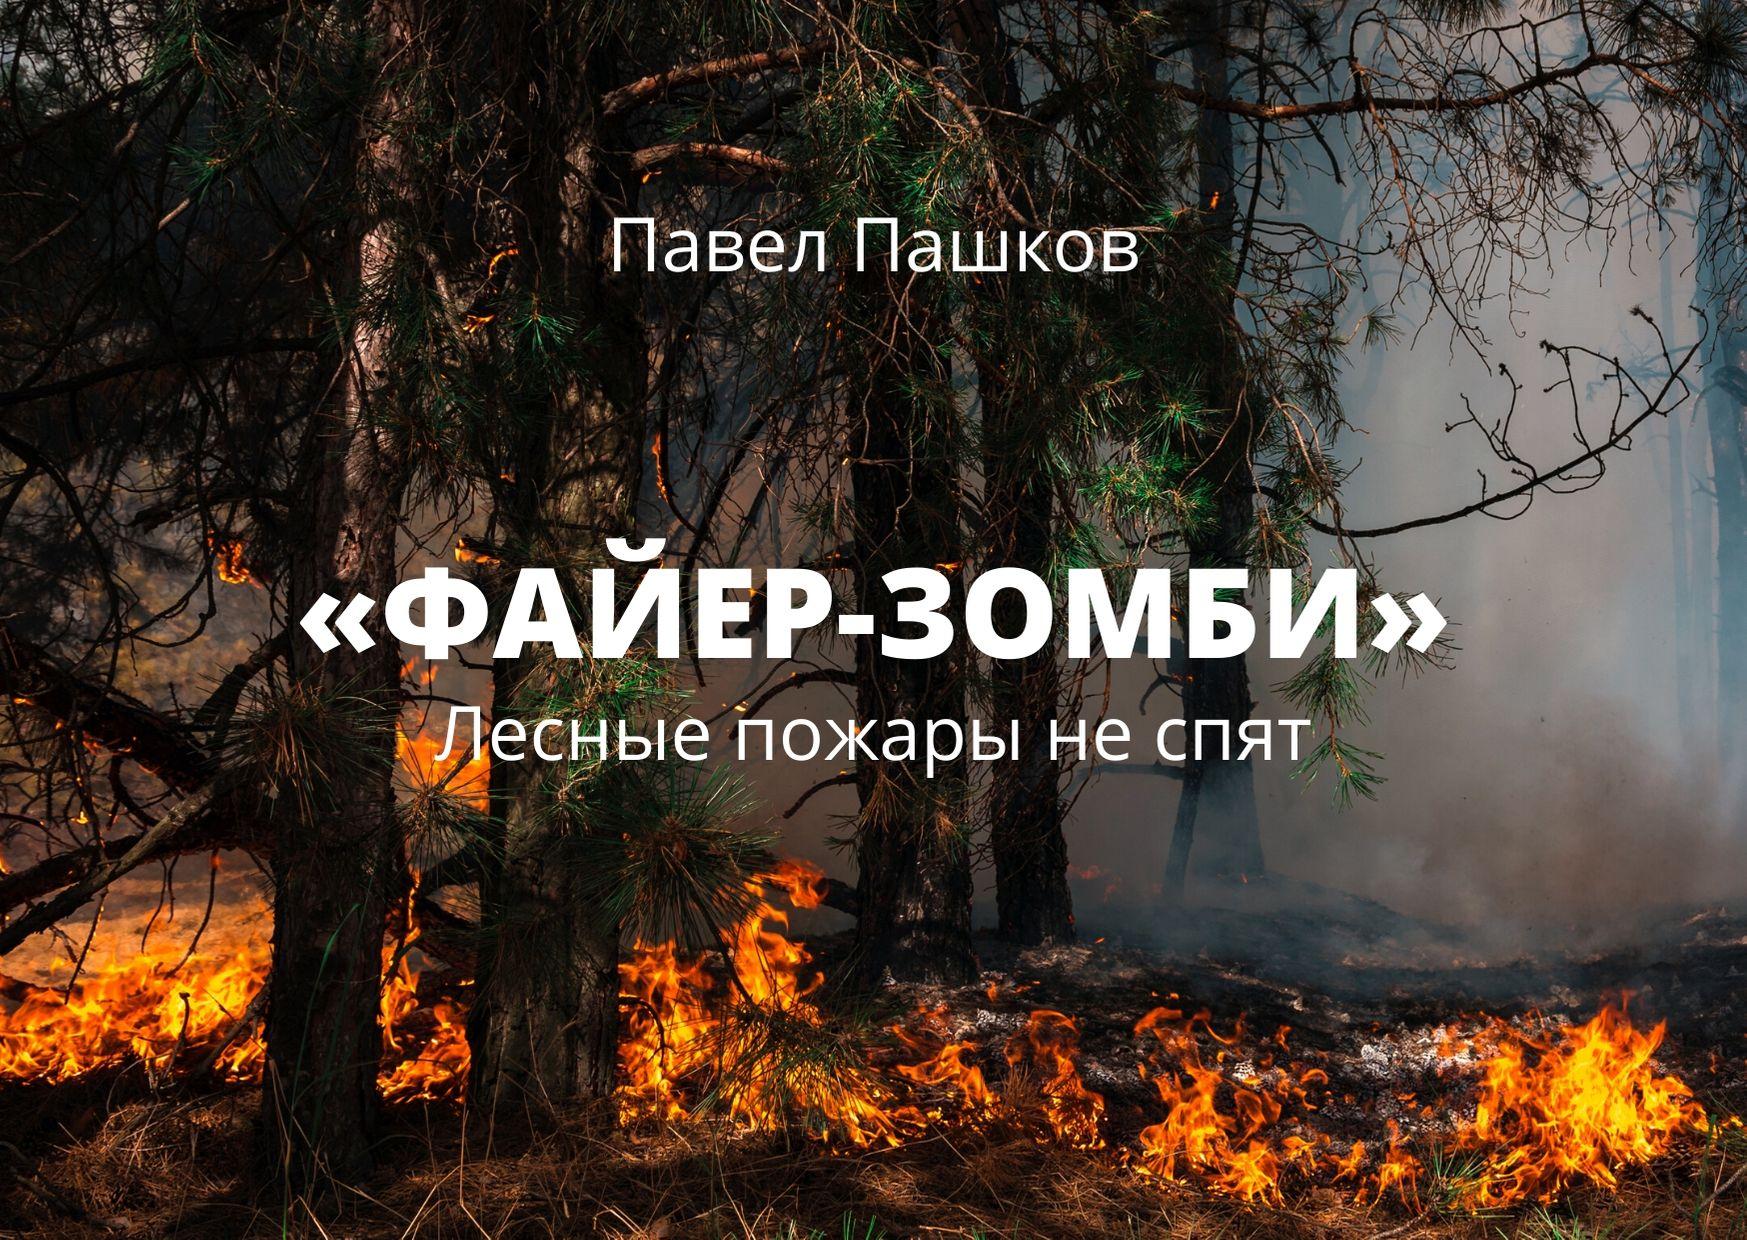 «Файер-зомби» - лесные пожары не спят!